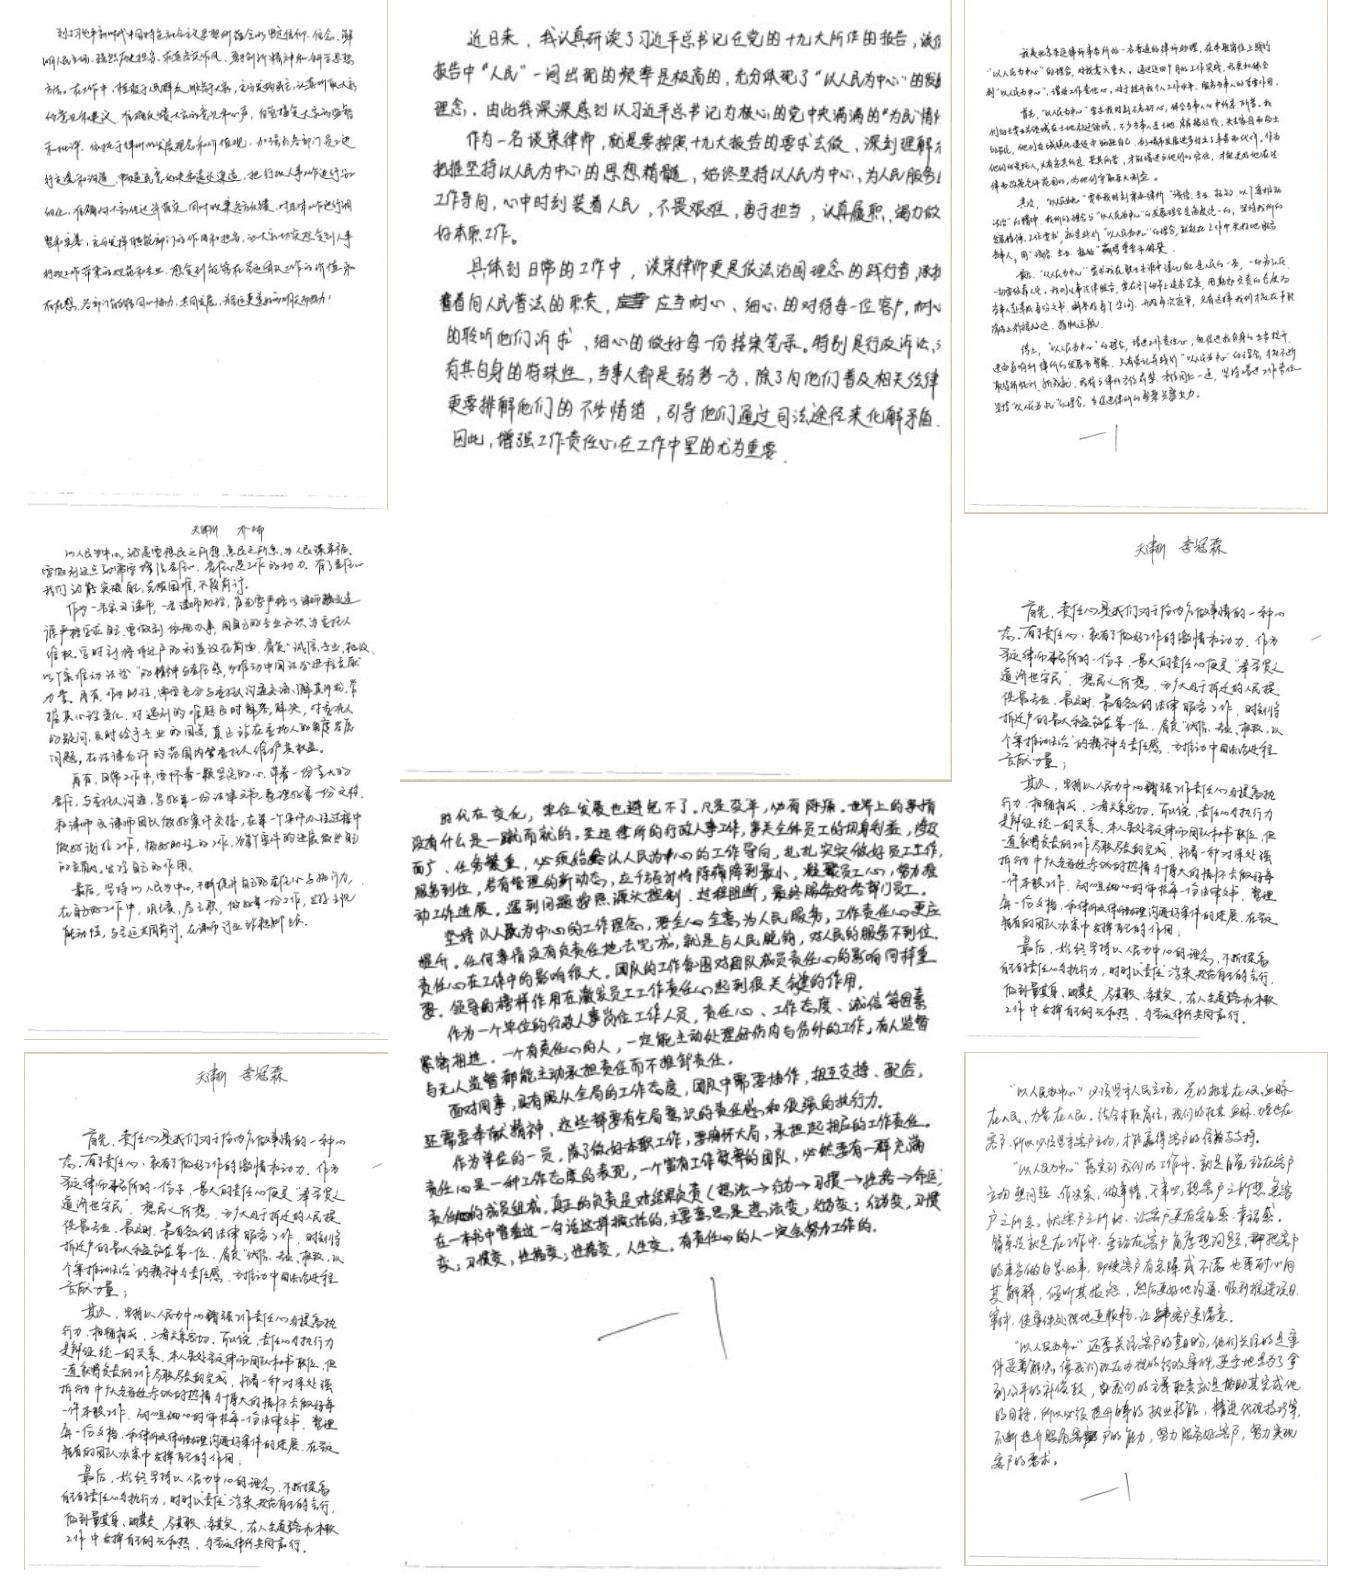 发卷啦!百位圣运人学习习近平新时代中国特色社会主义思想考试结果公布